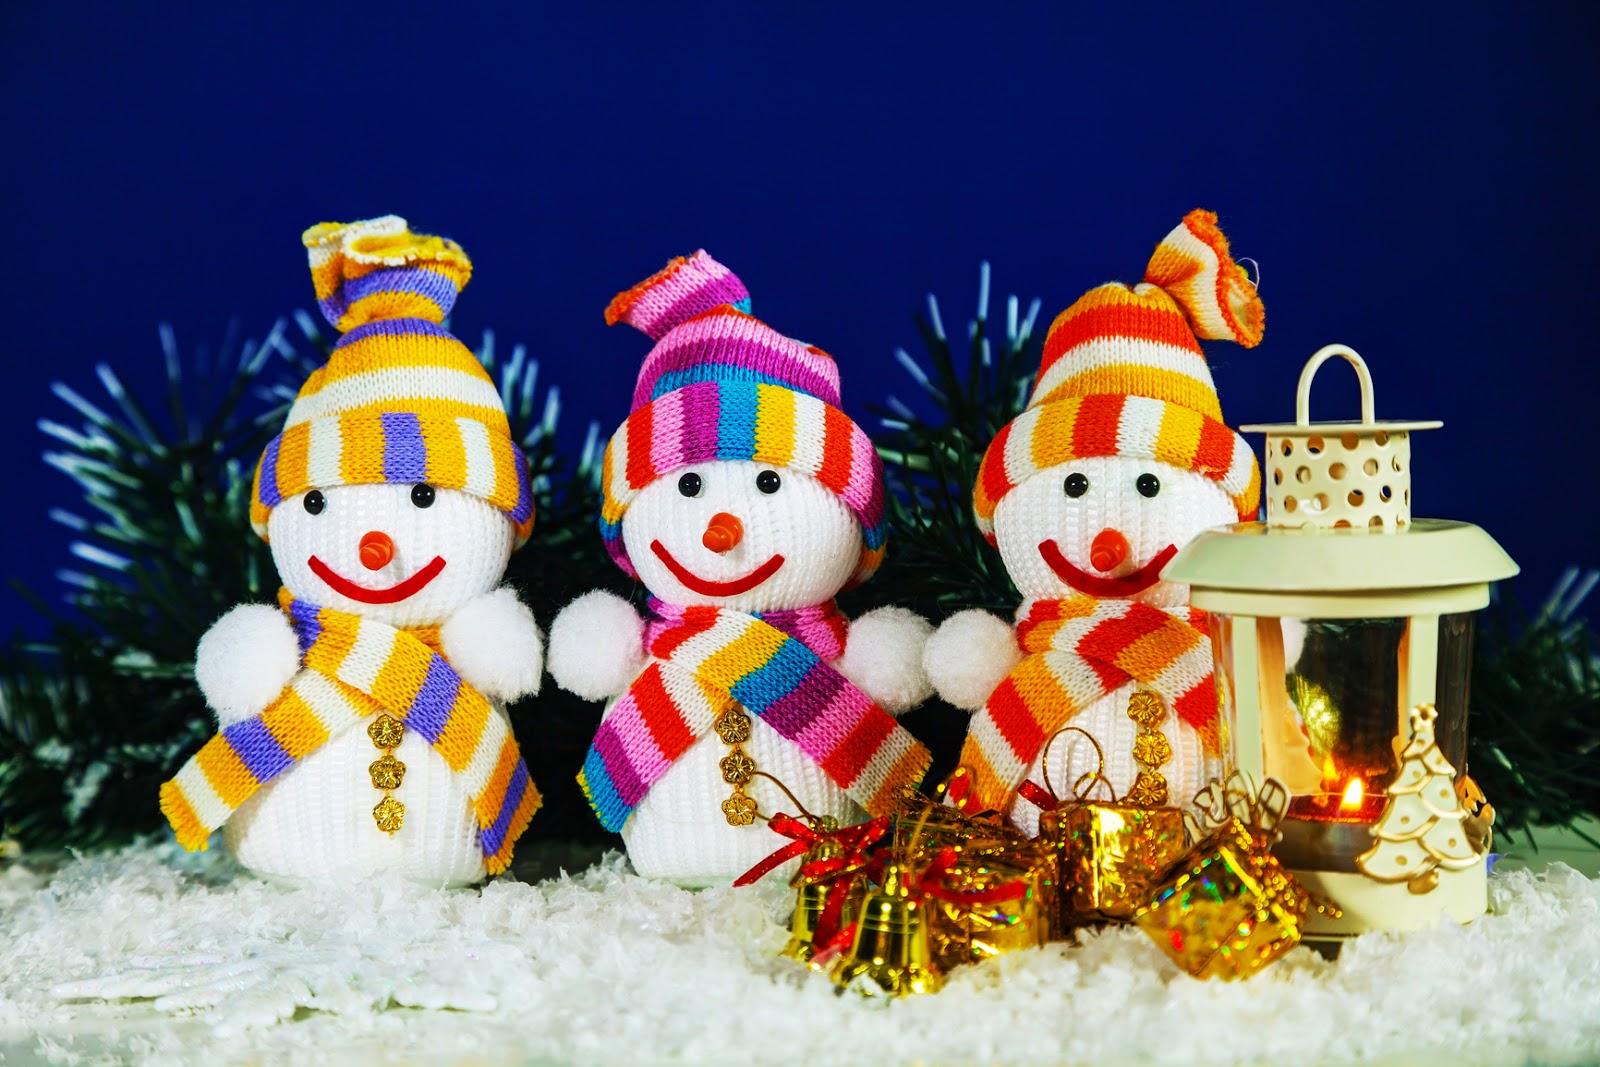 Banco de im genes para ver disfrutar y compartir 50 - Ver figuras de navidad ...